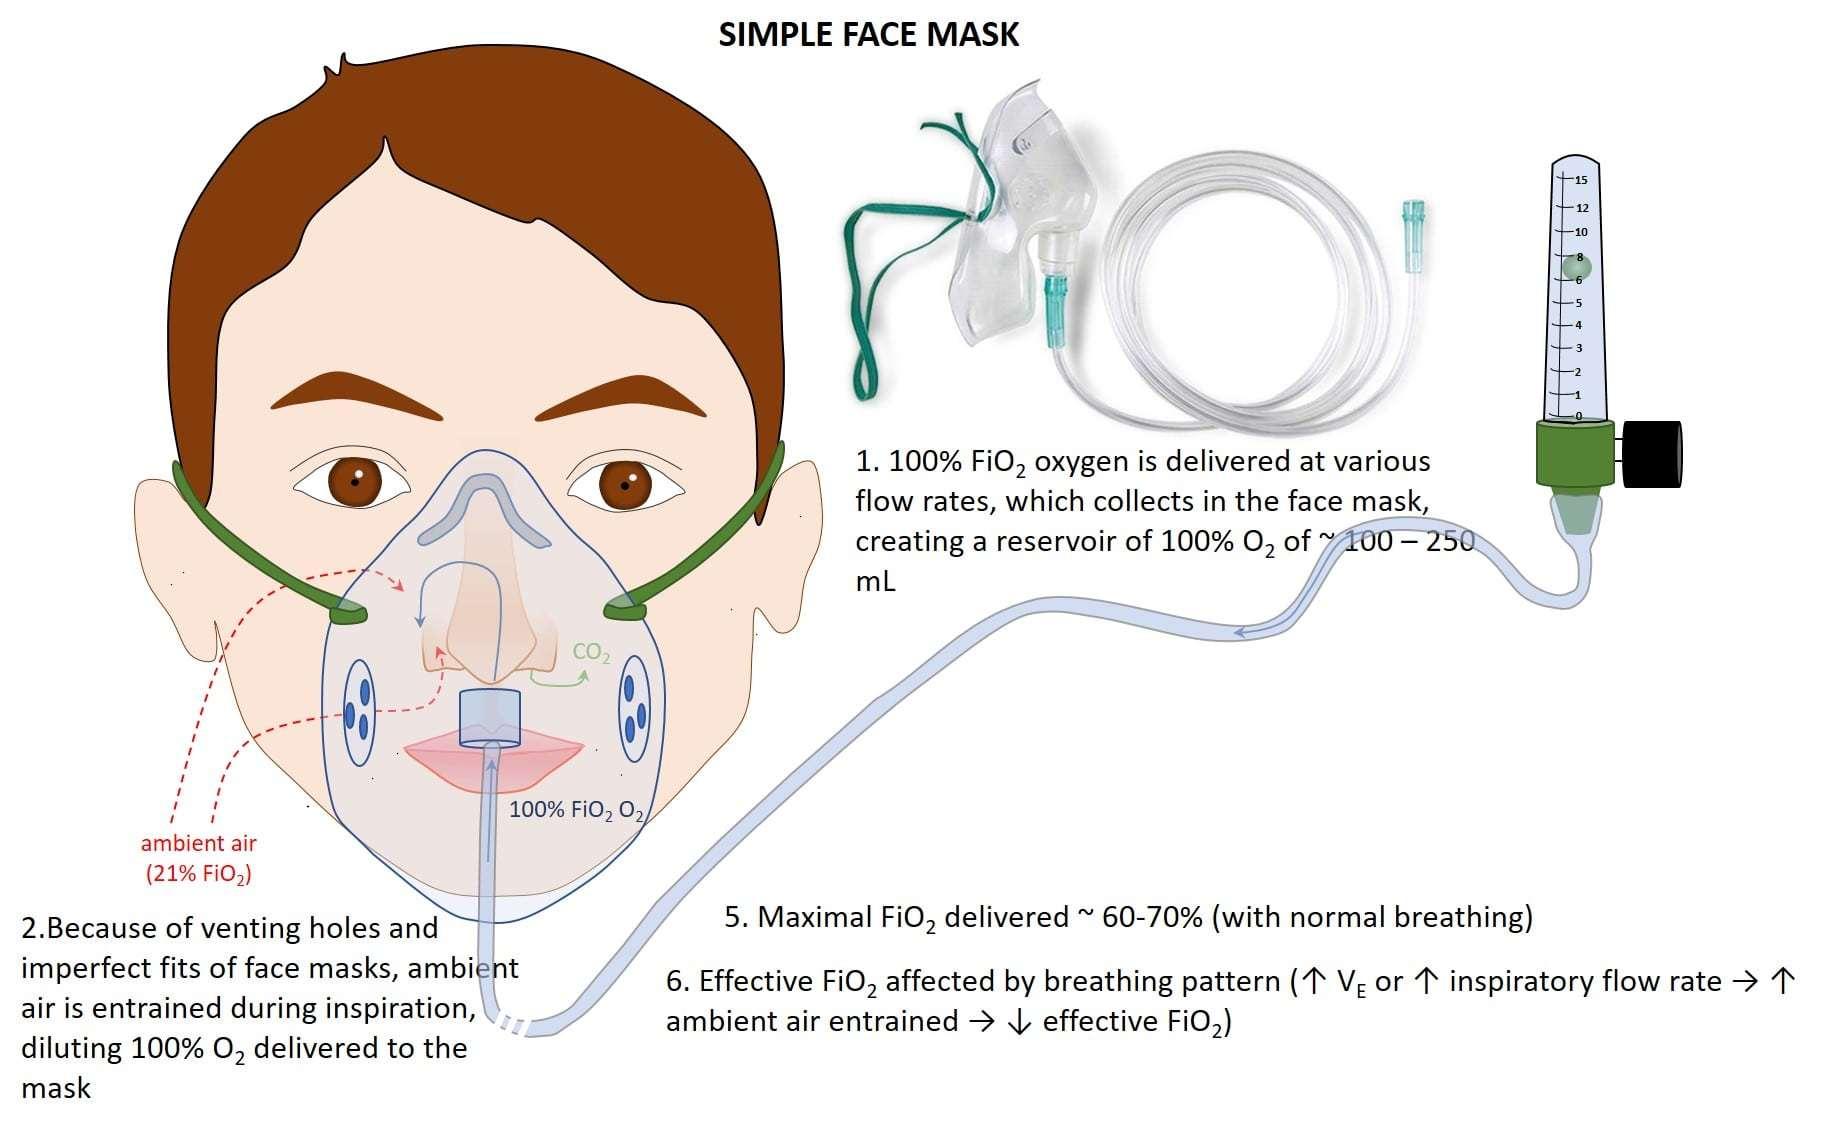 masque simple